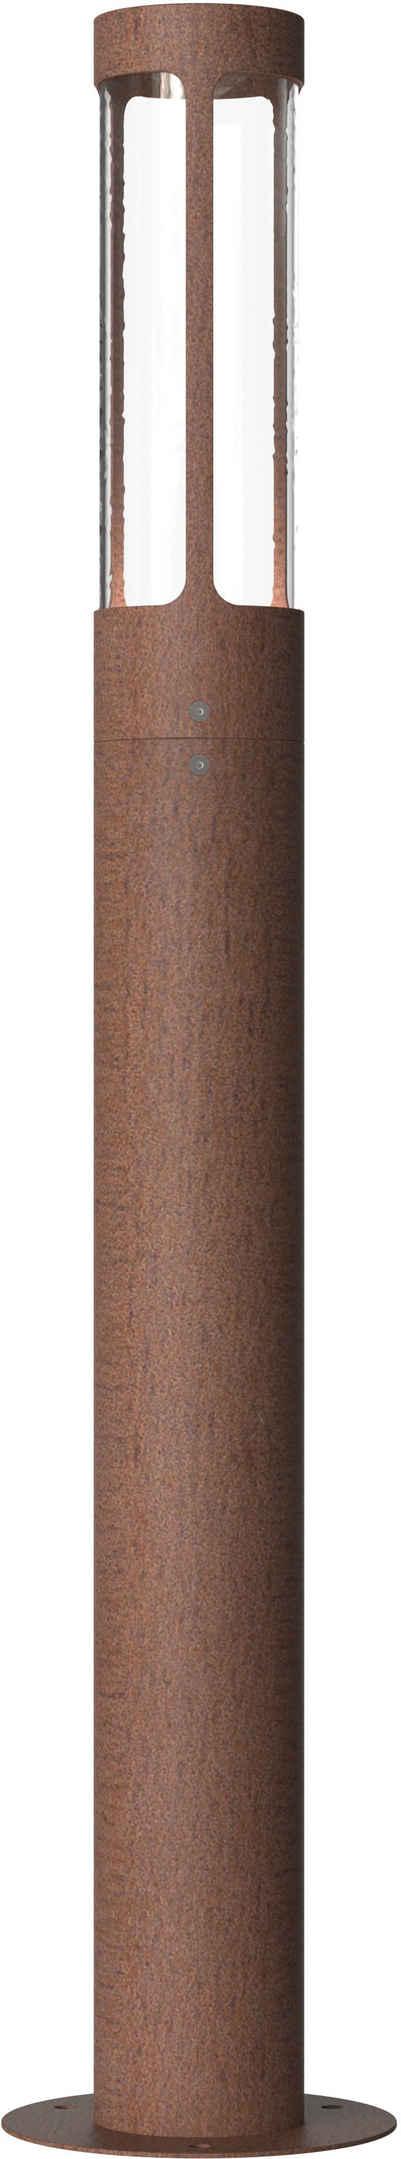 Nordlux Gartenleuchte »Helix«, Corten Stahl, IP 44